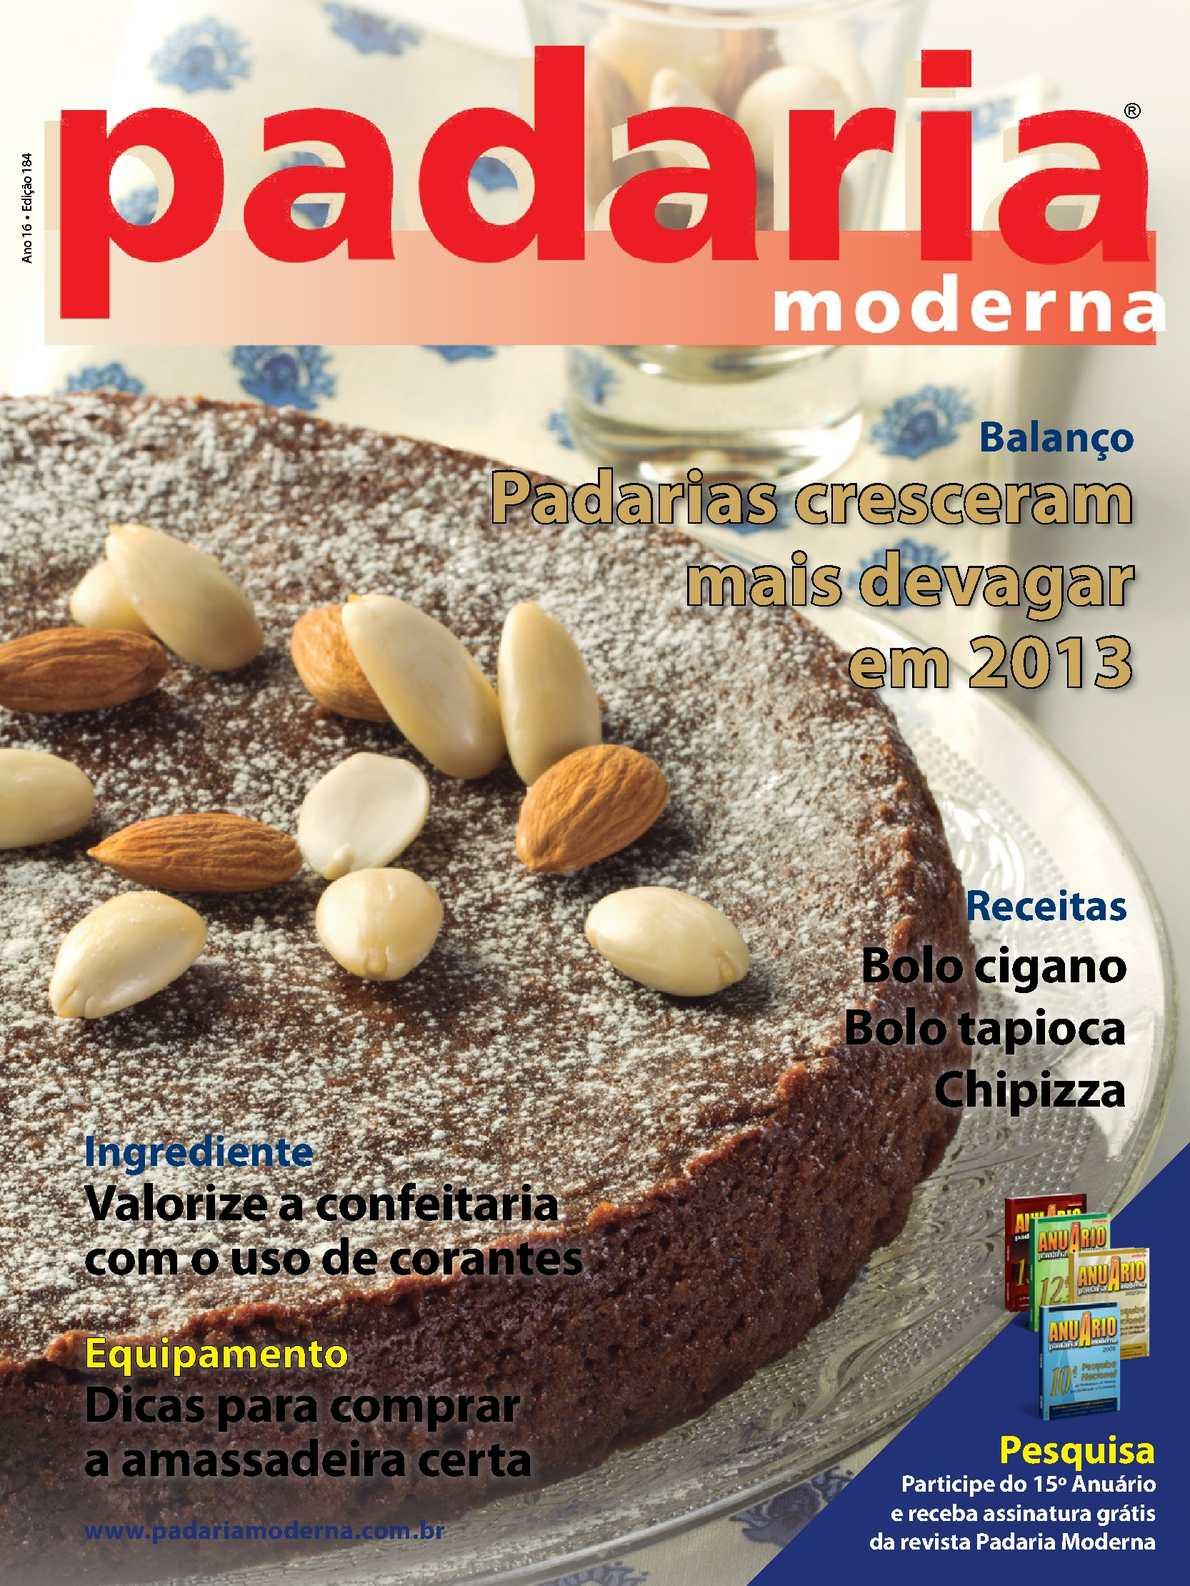 Revista Padaria Moderna - Edição 184